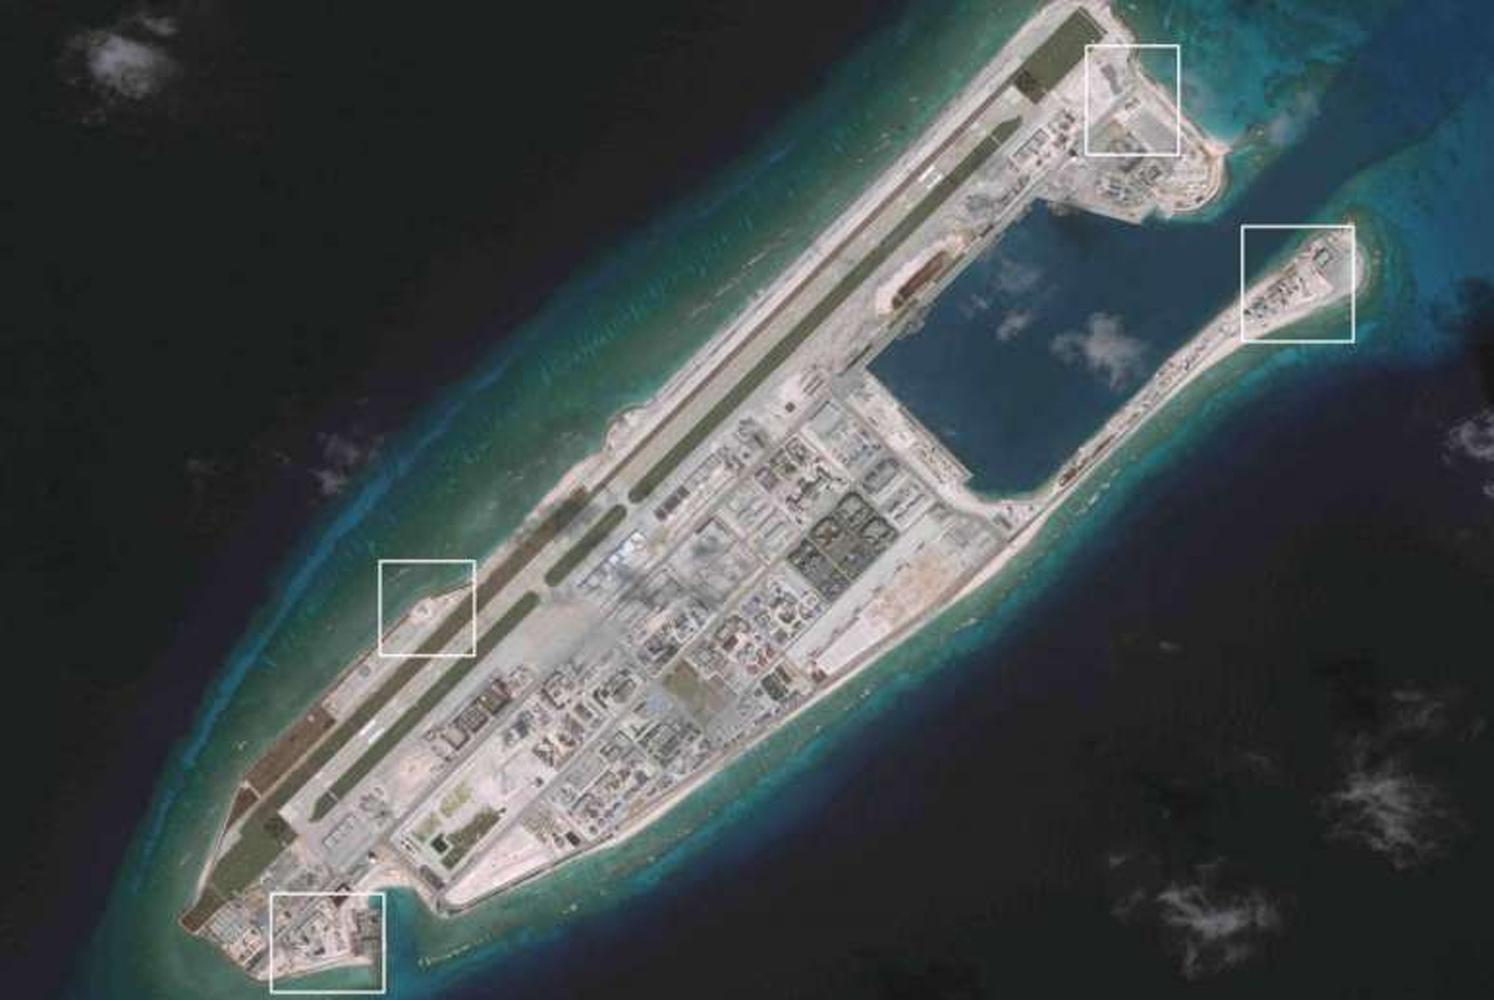 Philippines cho rằng Trung Cộng sẽ xây thêm đảo ở Biển Đông